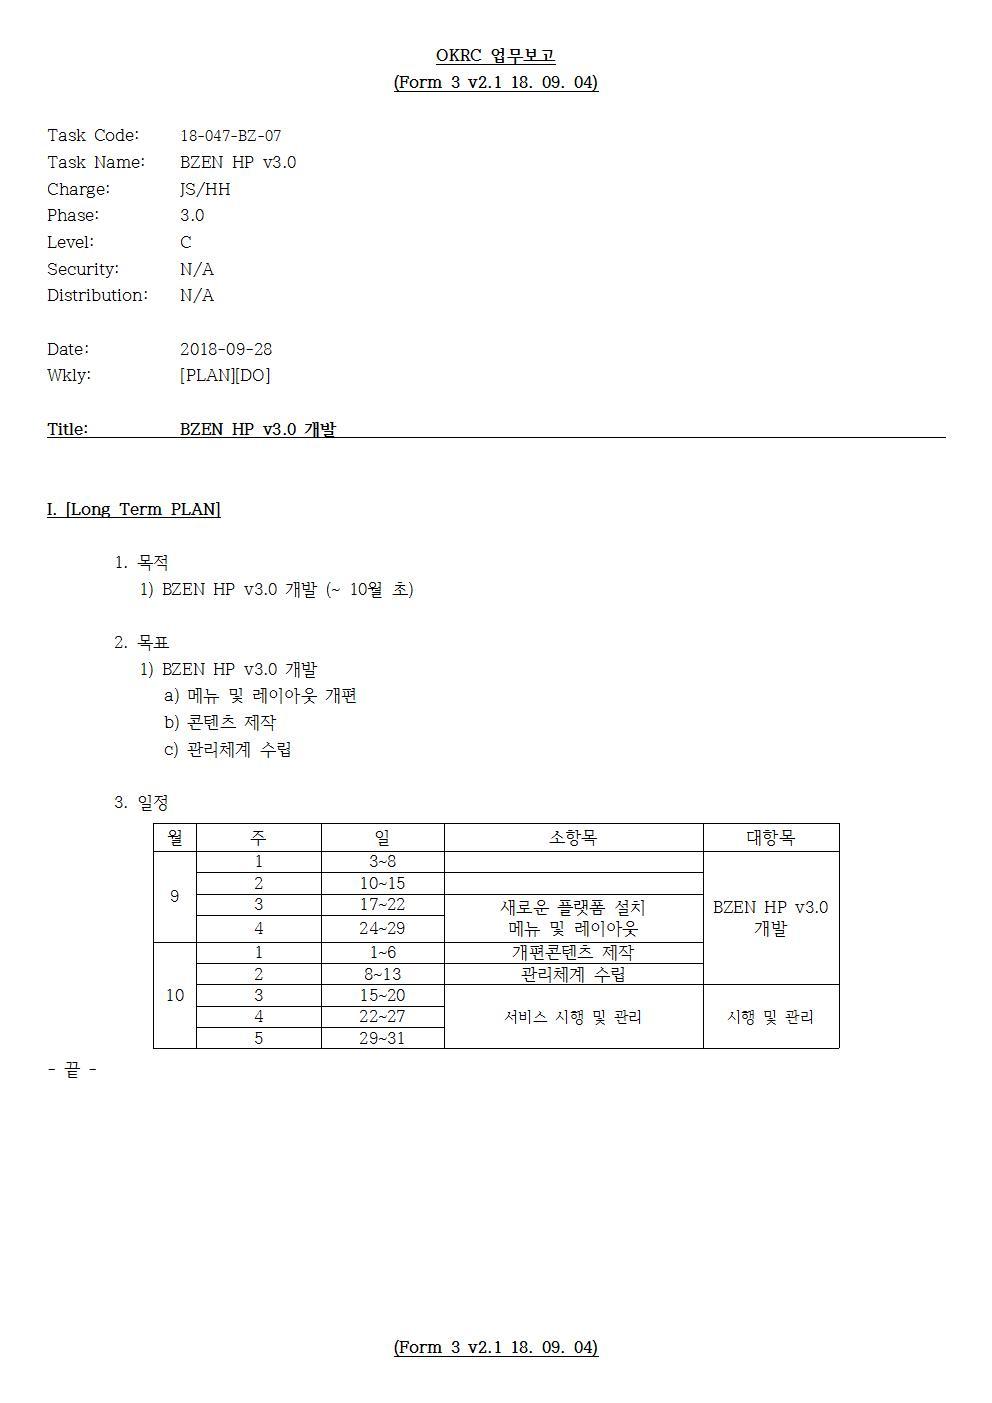 D-[18-047-BZ-07]-[BZEN HP v3.0]-[2018-09-28][JS]001.jpg